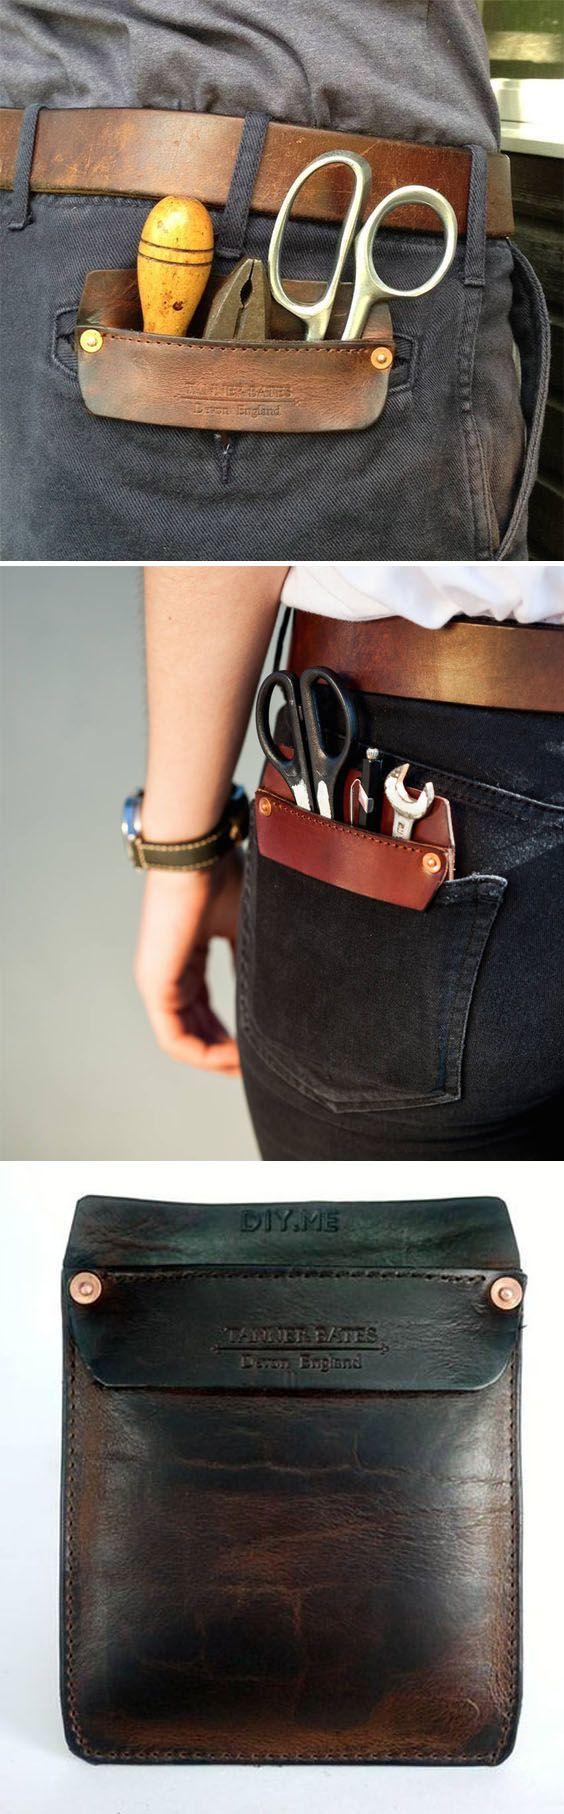 Funda de cuero porta herramientas de trabajo para proteger el bolsillo de los pantalones. // Handmade Leather Pocket